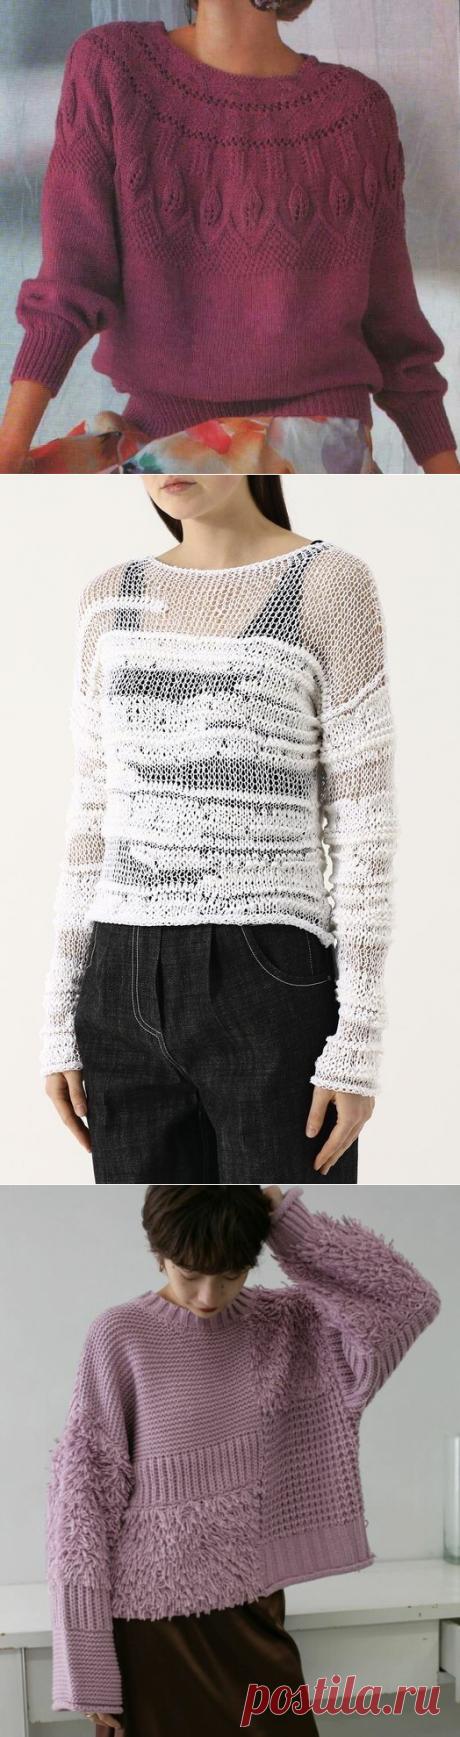 Оригинальное сочетание = оригинальное вязаное изделие. Идеи и схемы. | Марусино рукоделие | Яндекс Дзен